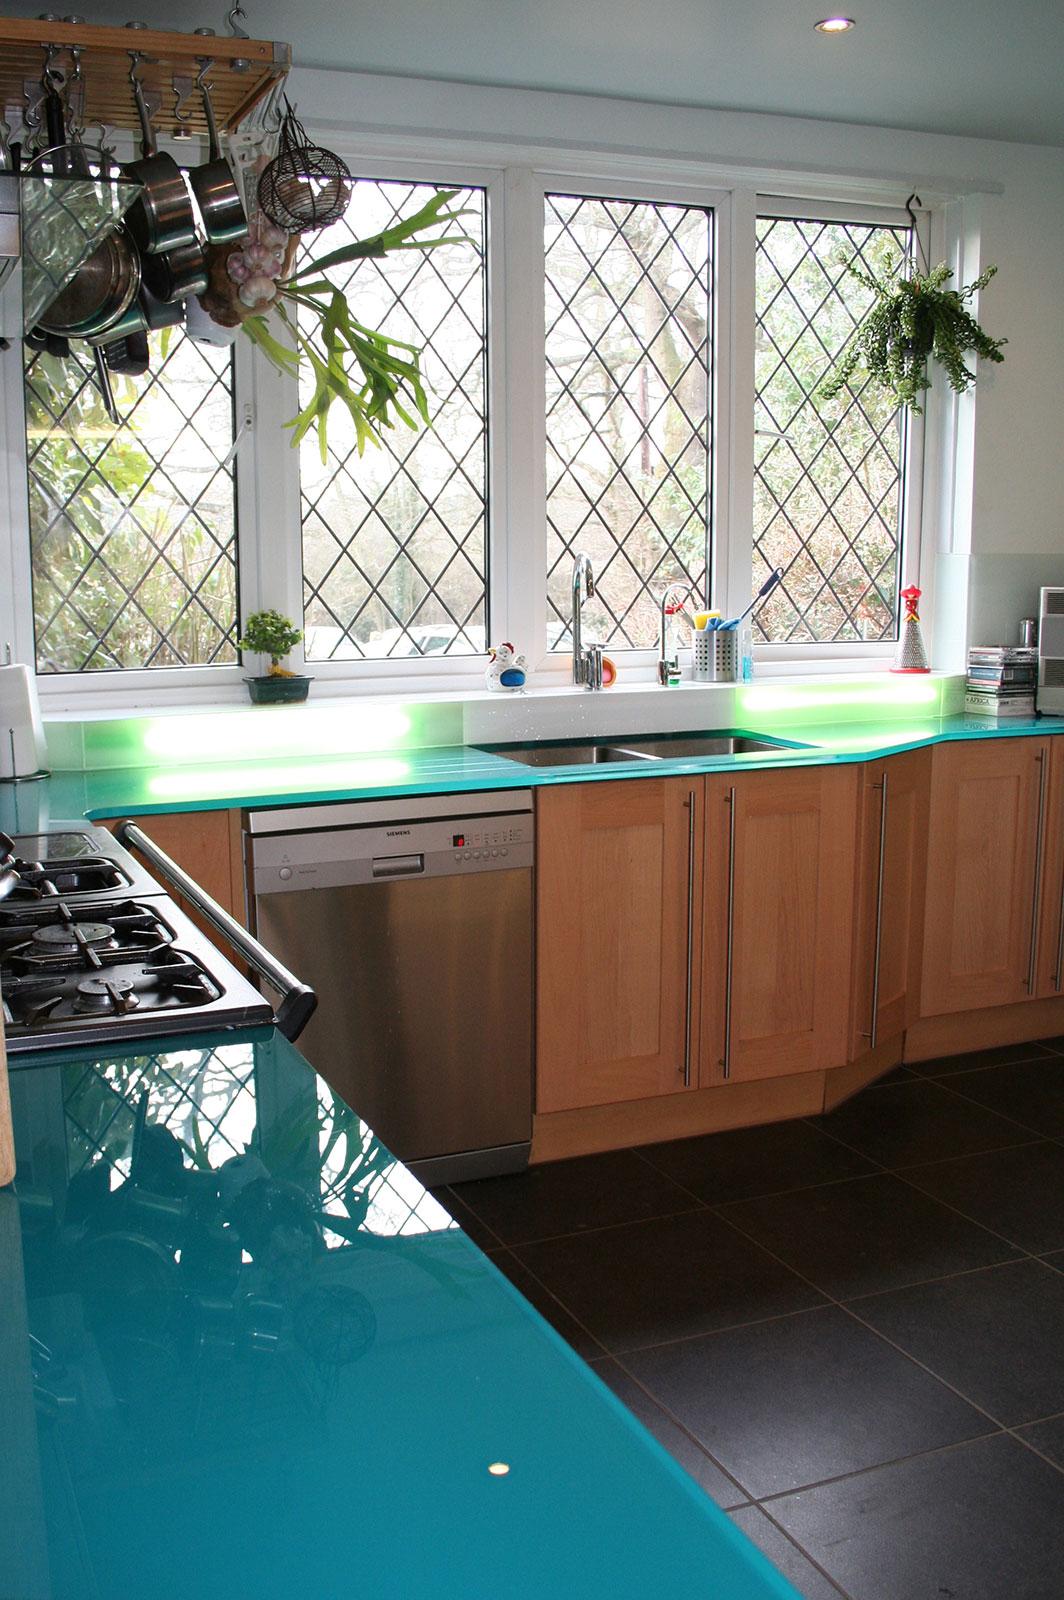 Bespoke Coloured Glass Worktops and Splashbacks